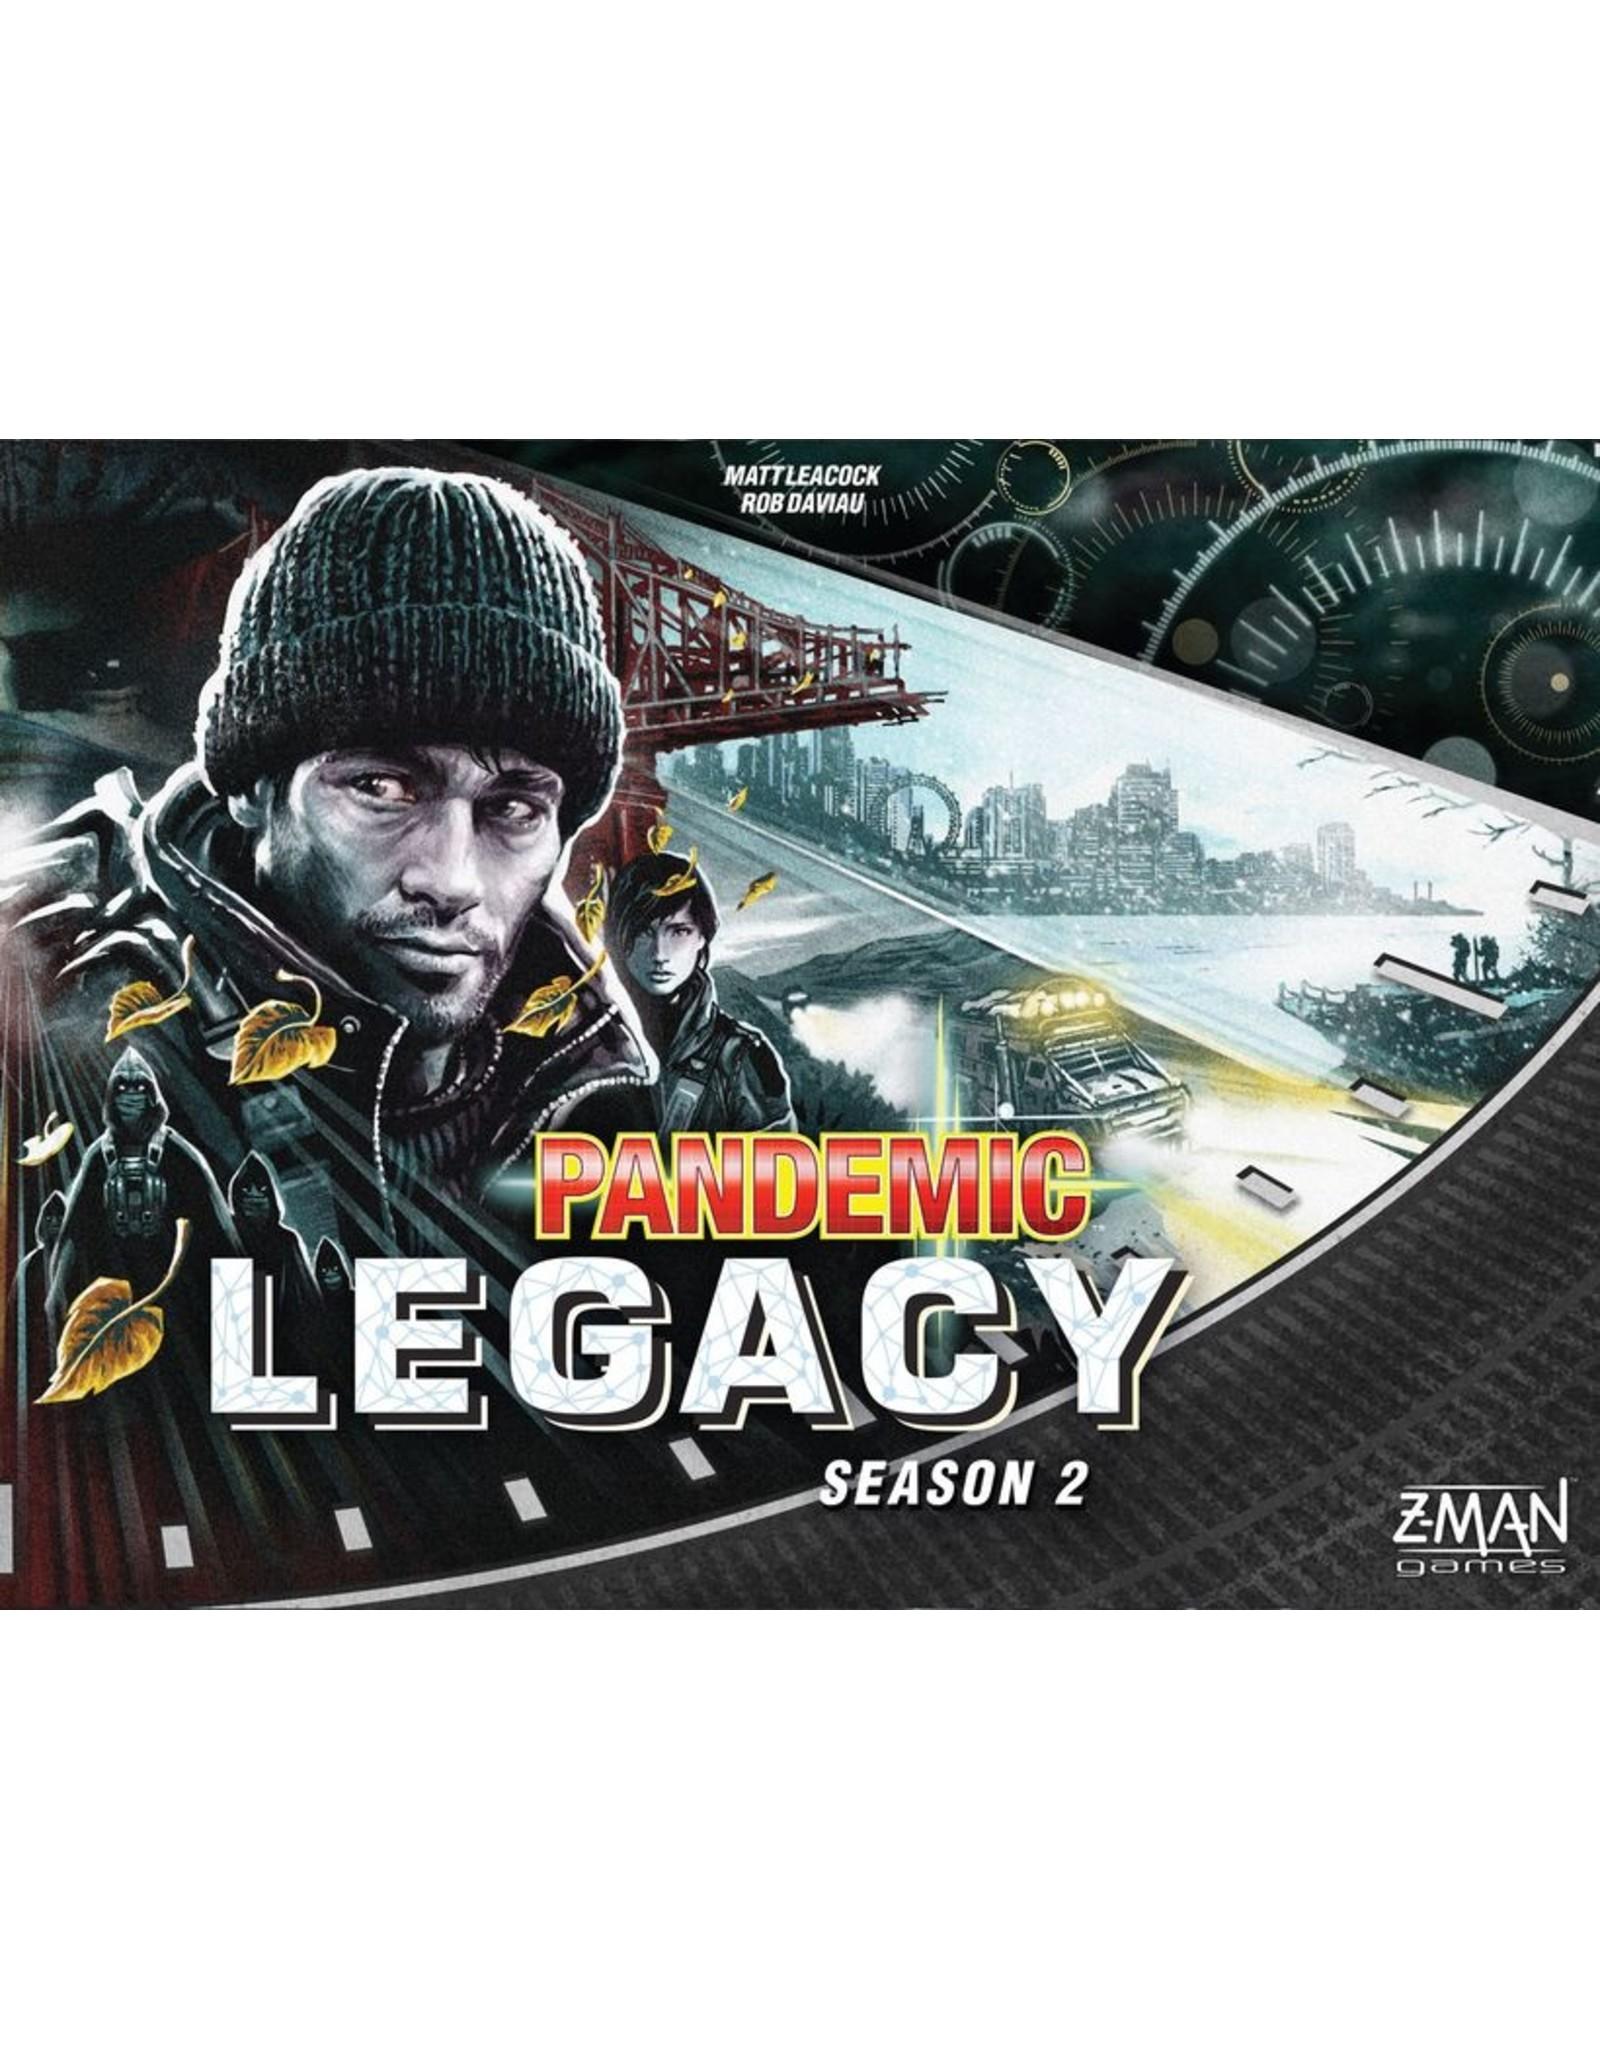 Pandemic: Legacy Season 2 Black